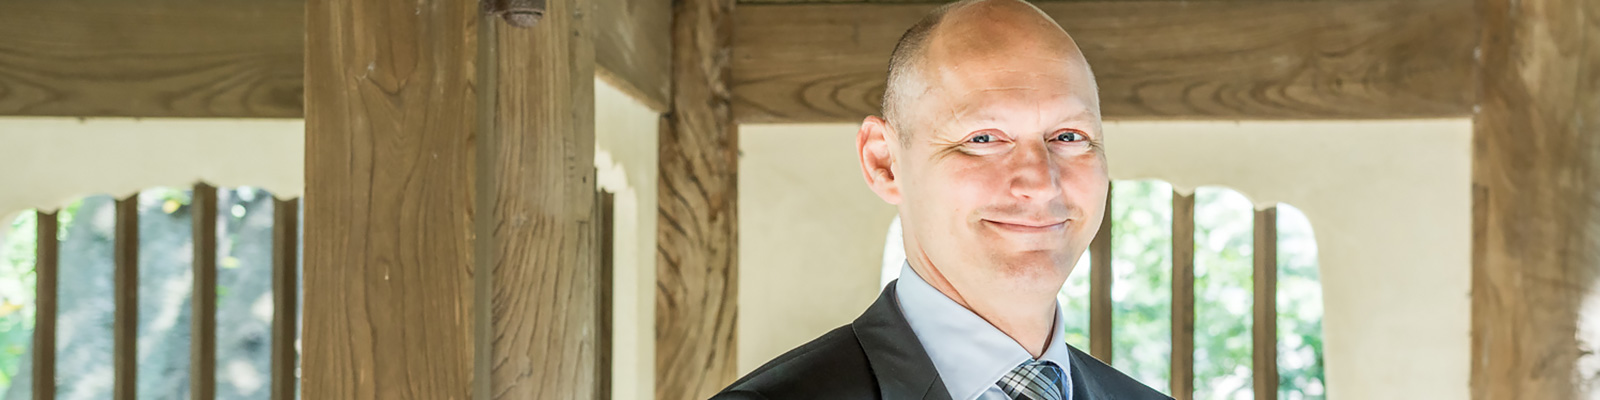 プロセラネットワークス Vice President, Product Line Management Jacob Christensen